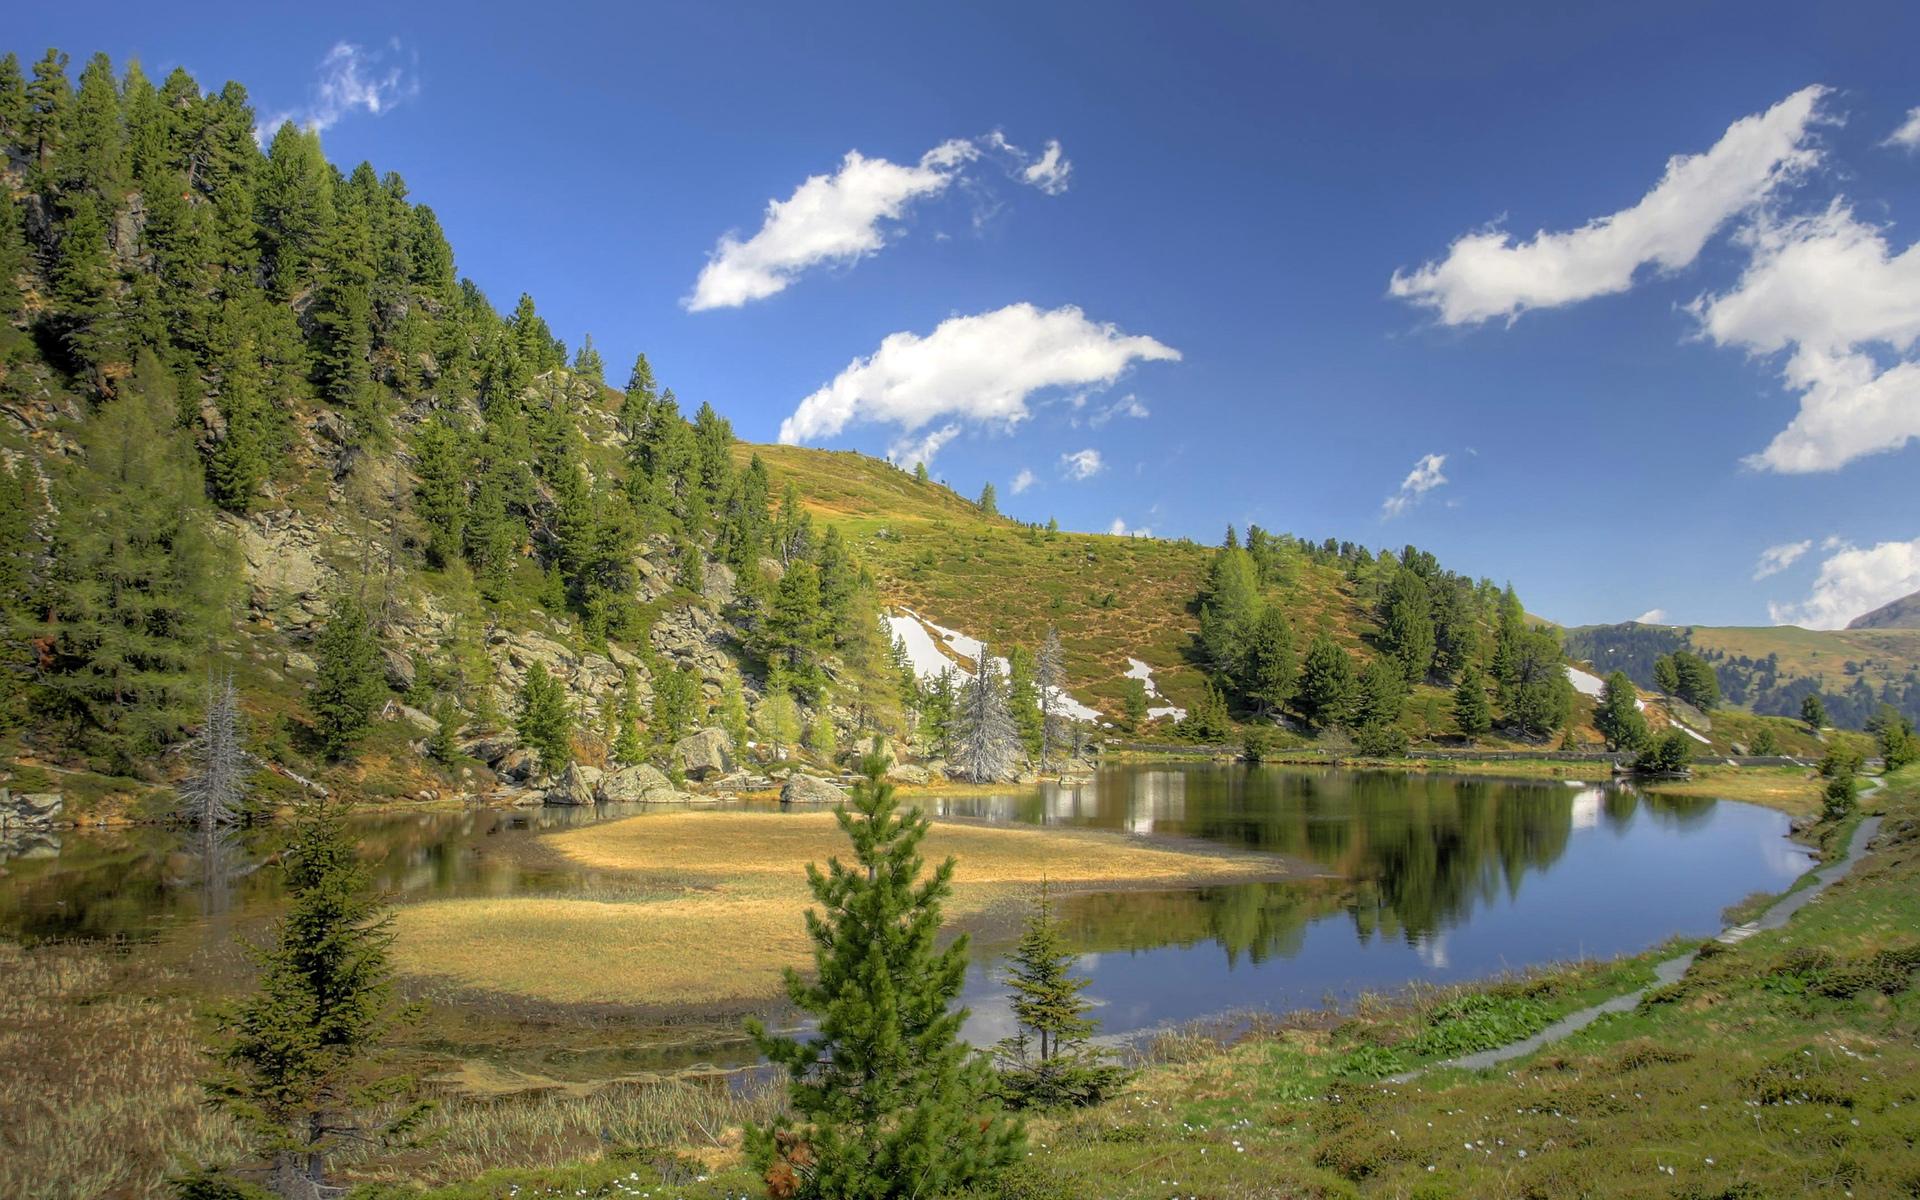 Озеро горы холмы лес берег водоем